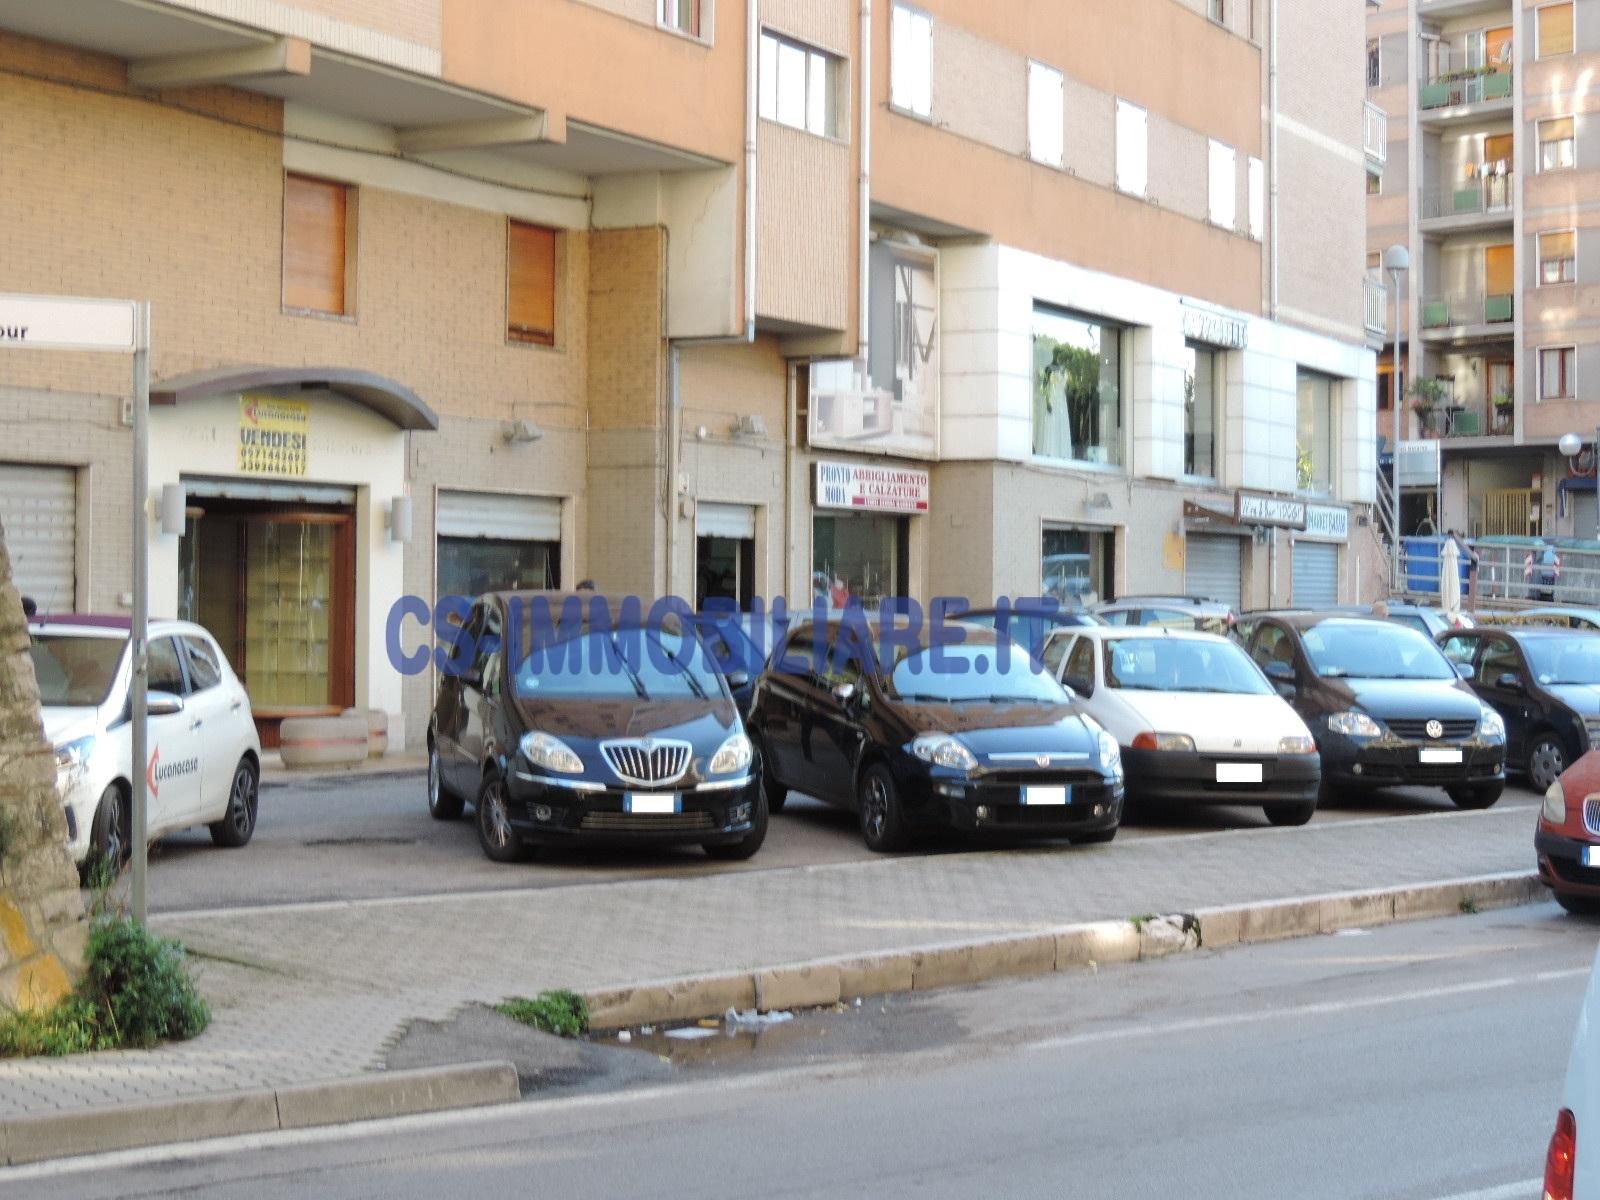 Negozio / Locale in vendita a Potenza, 9999 locali, zona Zona: Semicentro, prezzo € 157.500 | Cambio Casa.it